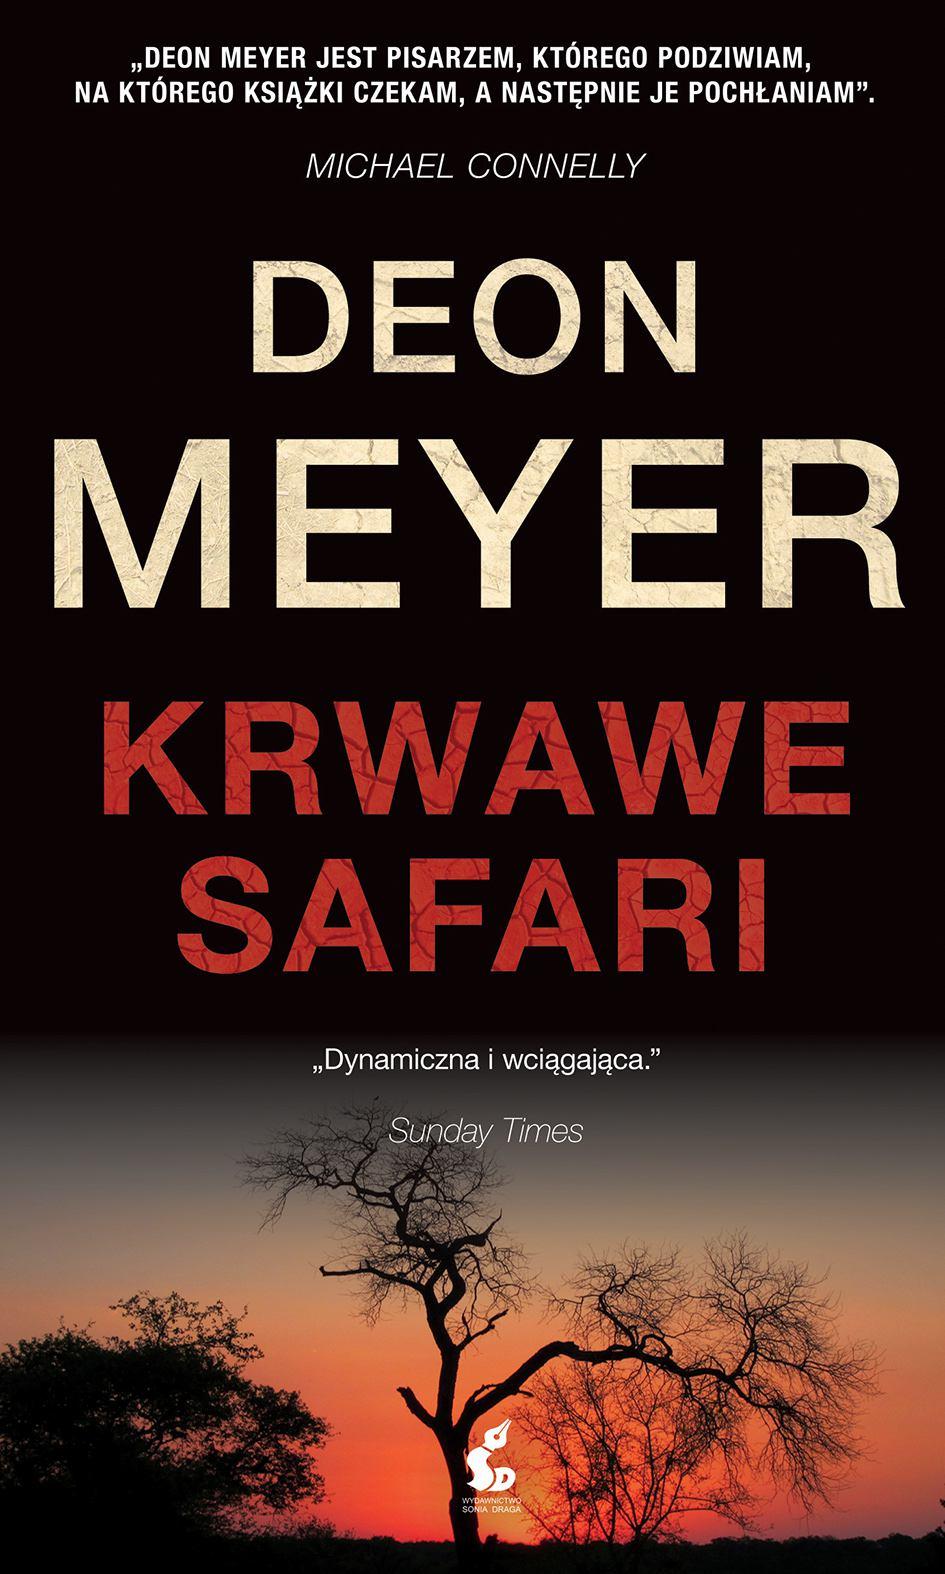 Krwawe safari - Ebook (Książka EPUB) do pobrania w formacie EPUB